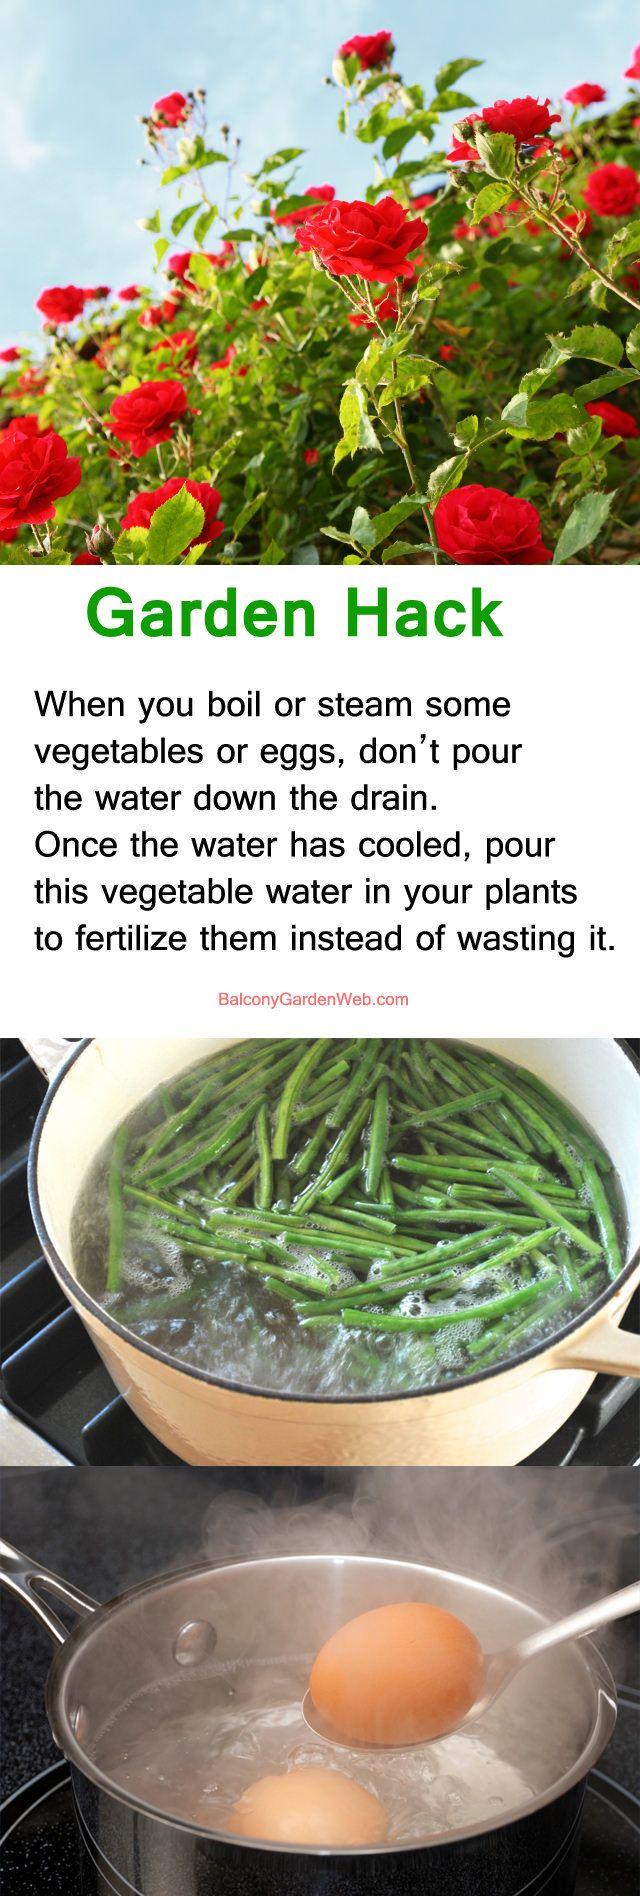 Garden Web Kitchen 17 Best Ideas About Gardening Hacks On Pinterest Gardening